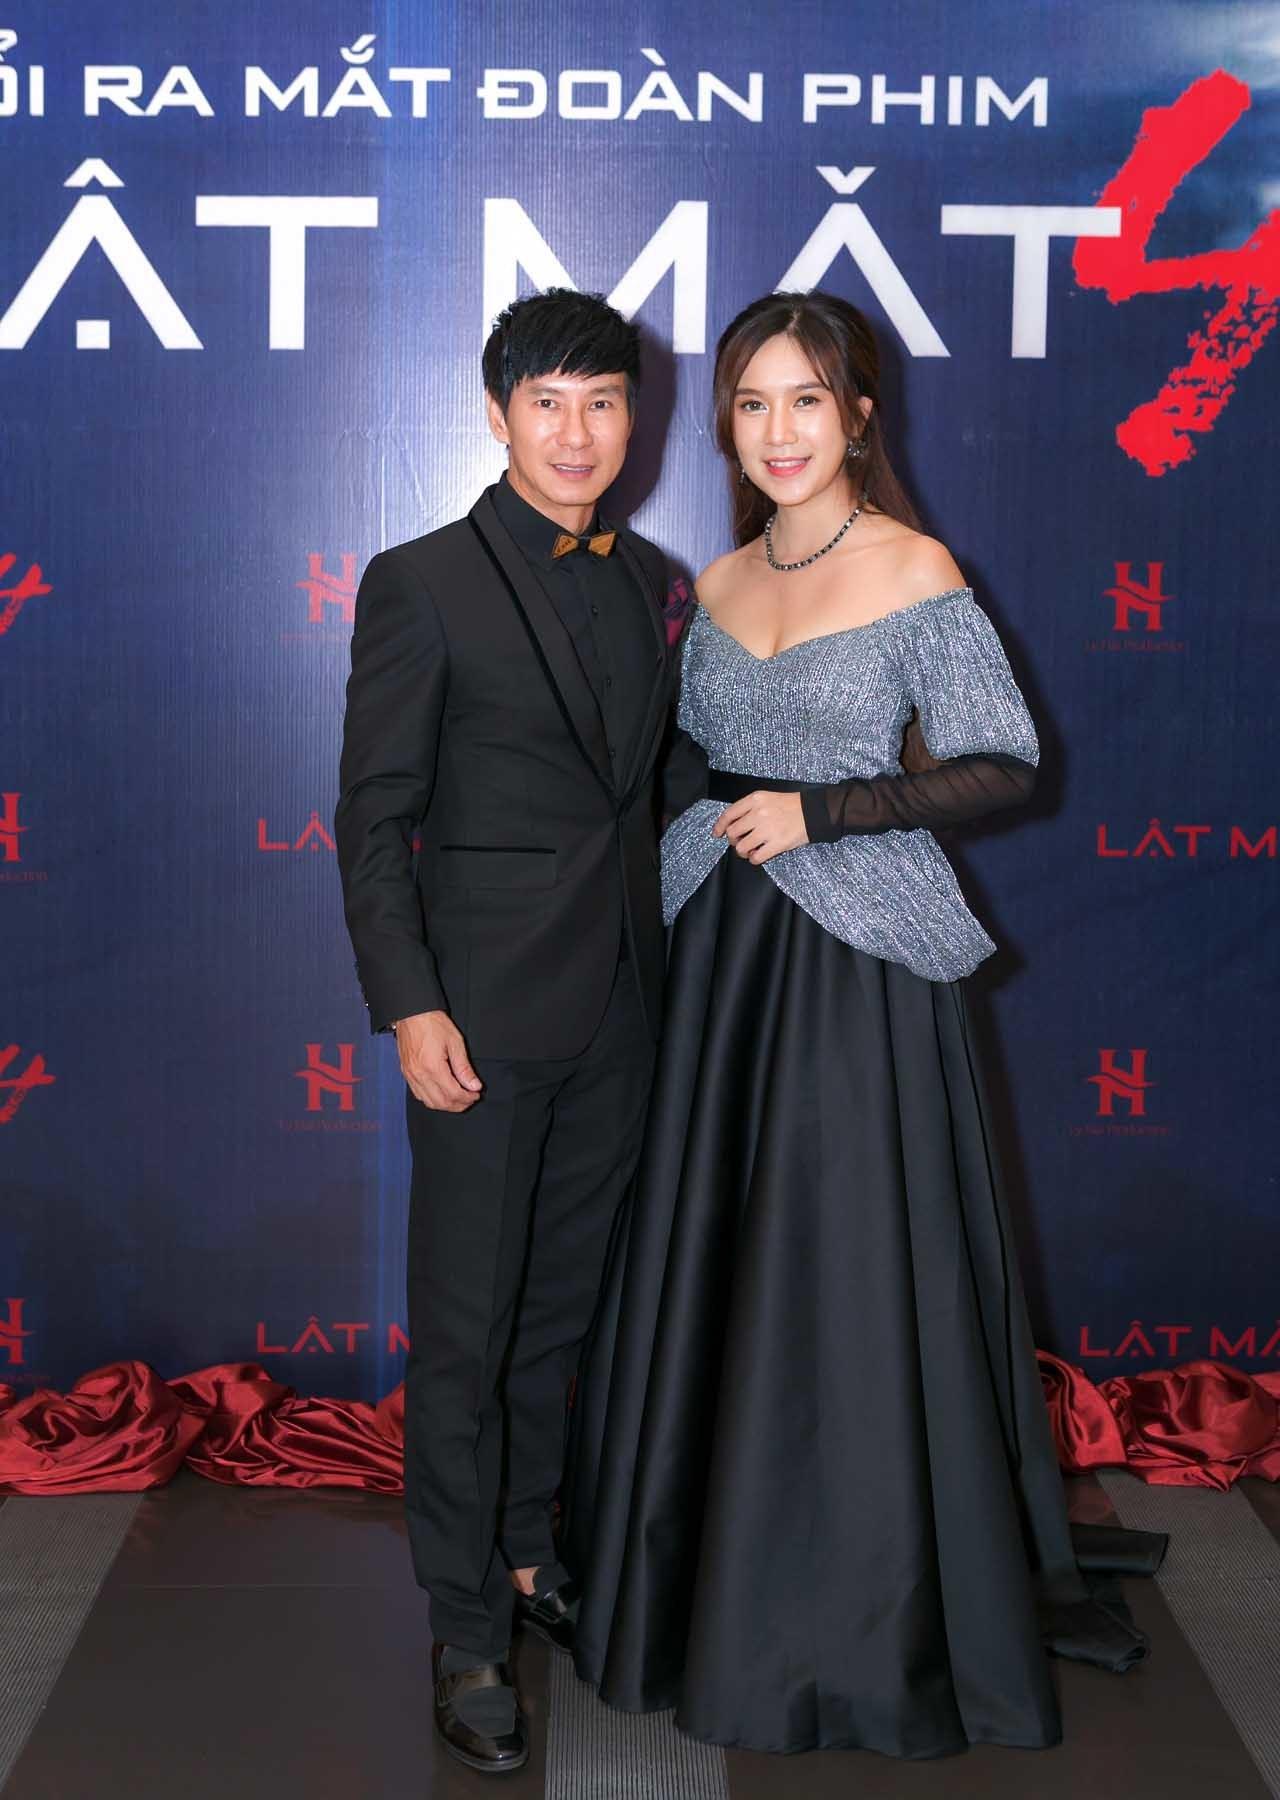 Lý Hải và vợ hotgirl kém 16 tuổi bật mí về bộ phim 17 tỷ